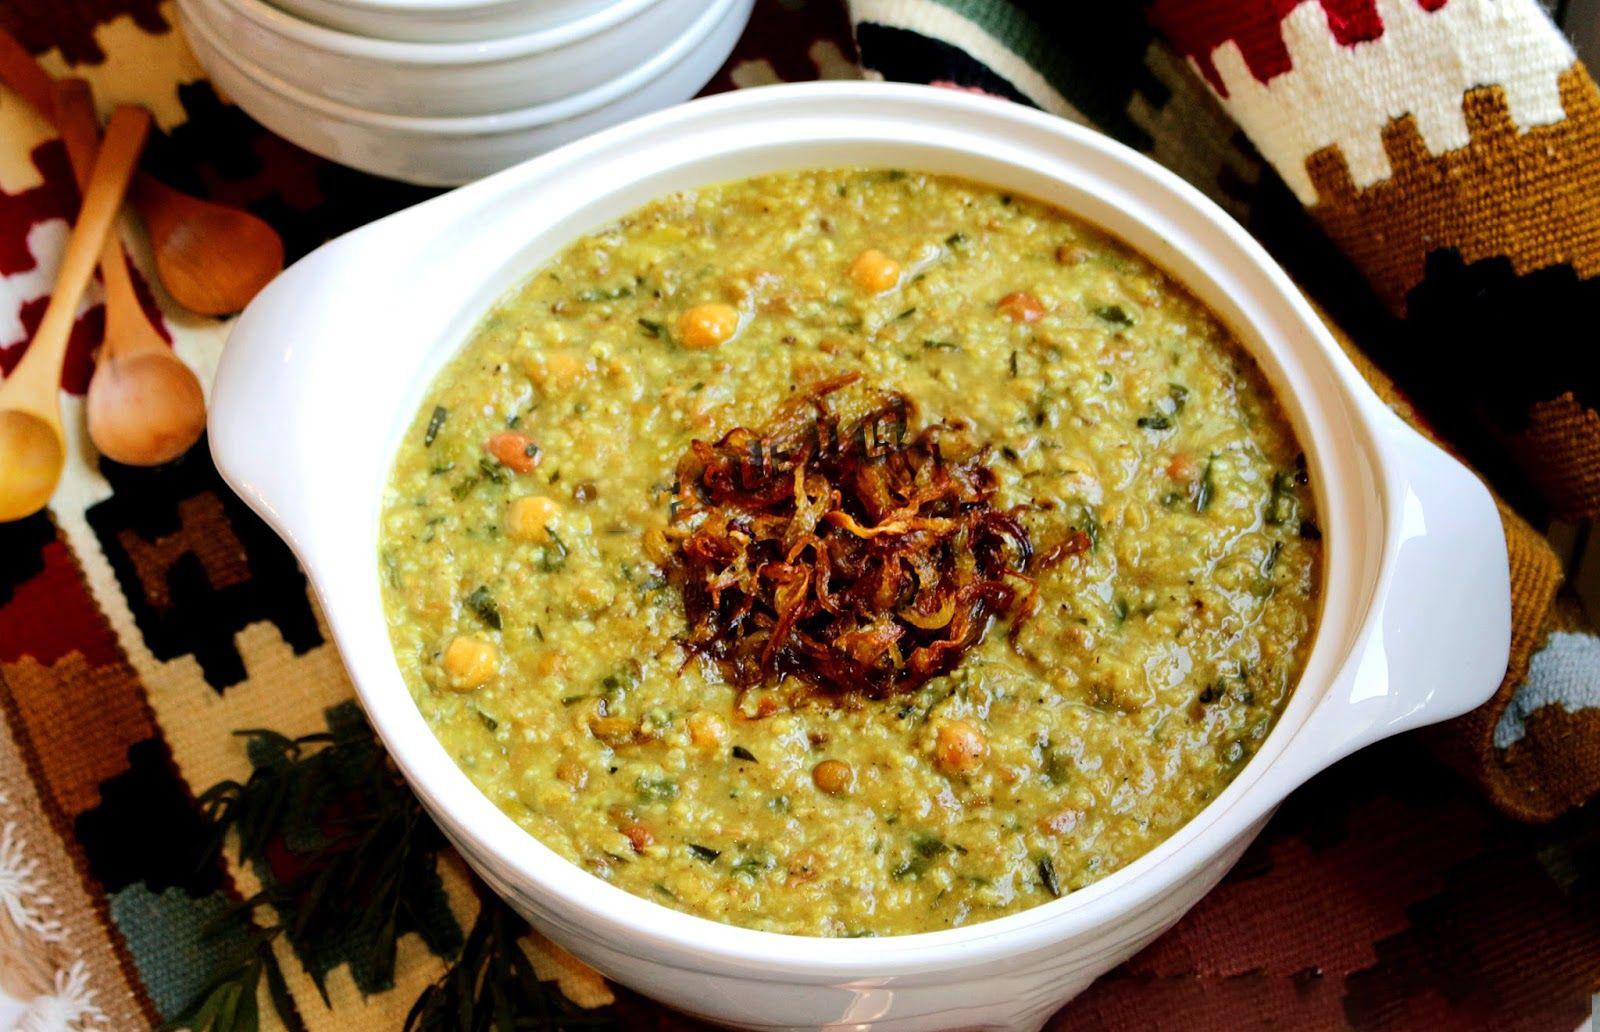 آش ماست (شوربا لبن) الشيرازي - مطعم شيراز